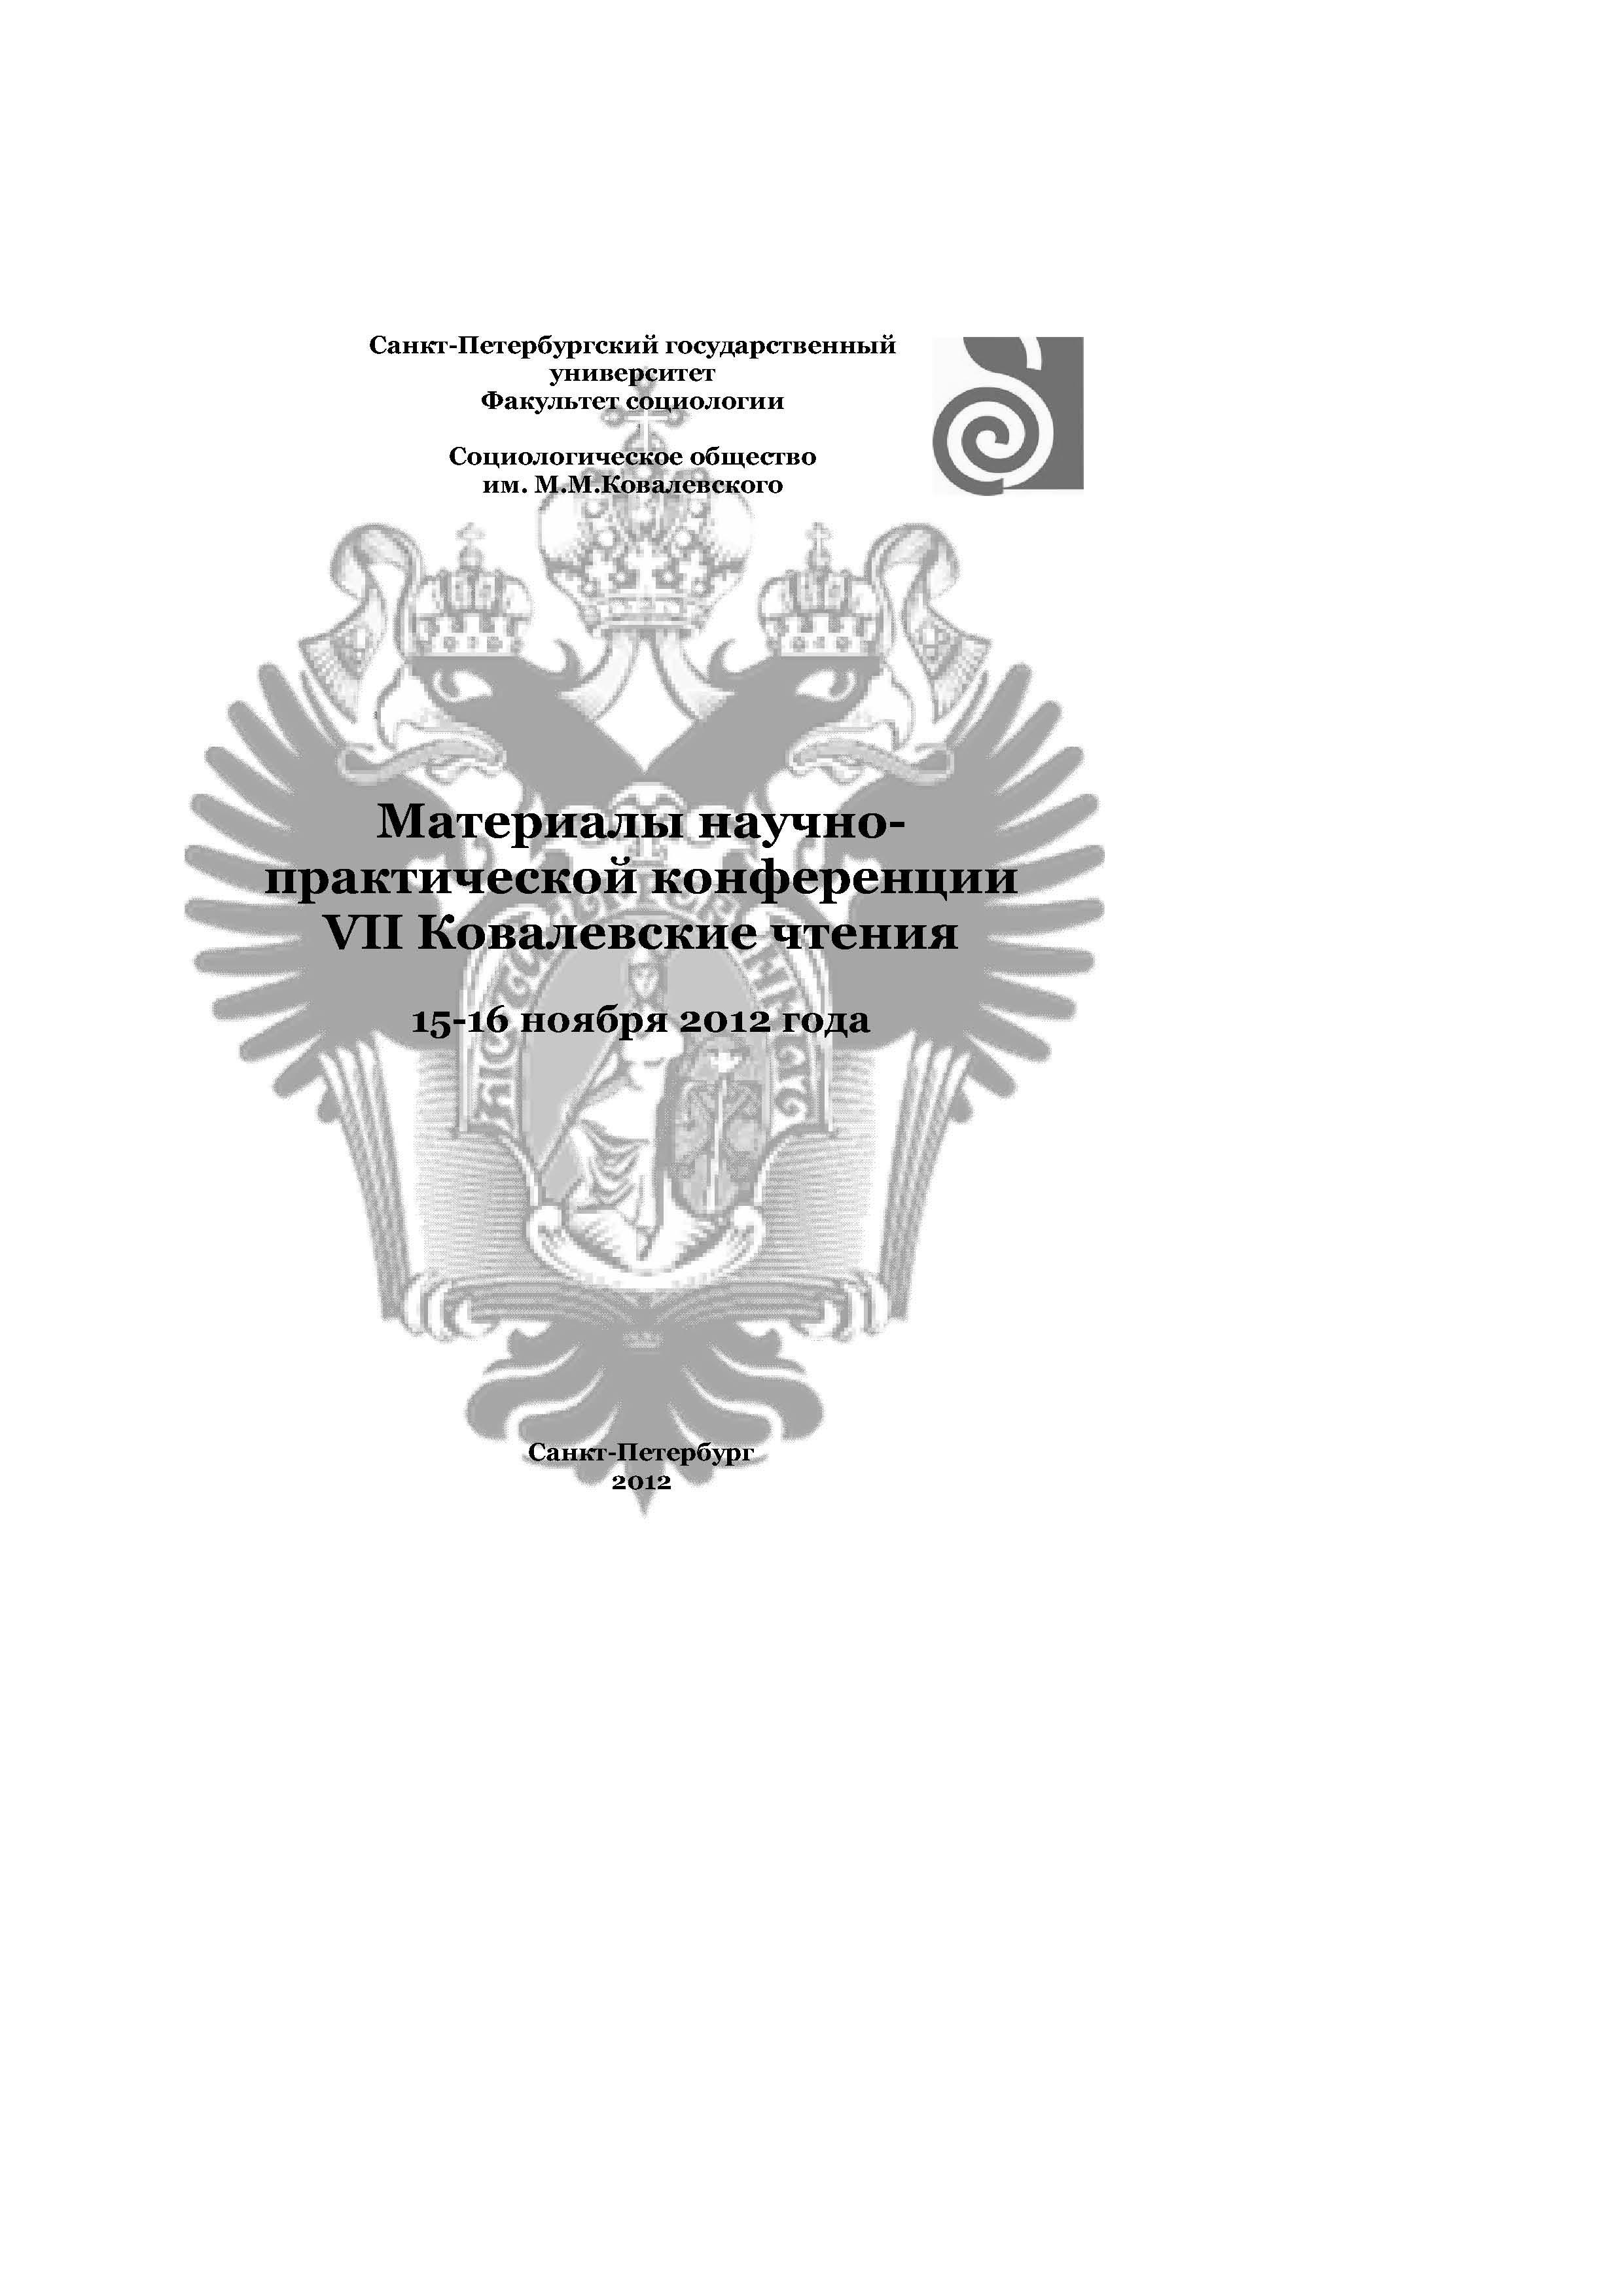 Материалы научно-практической конференции VII Ковалевские чтения, 15-16 ноября 2012 года